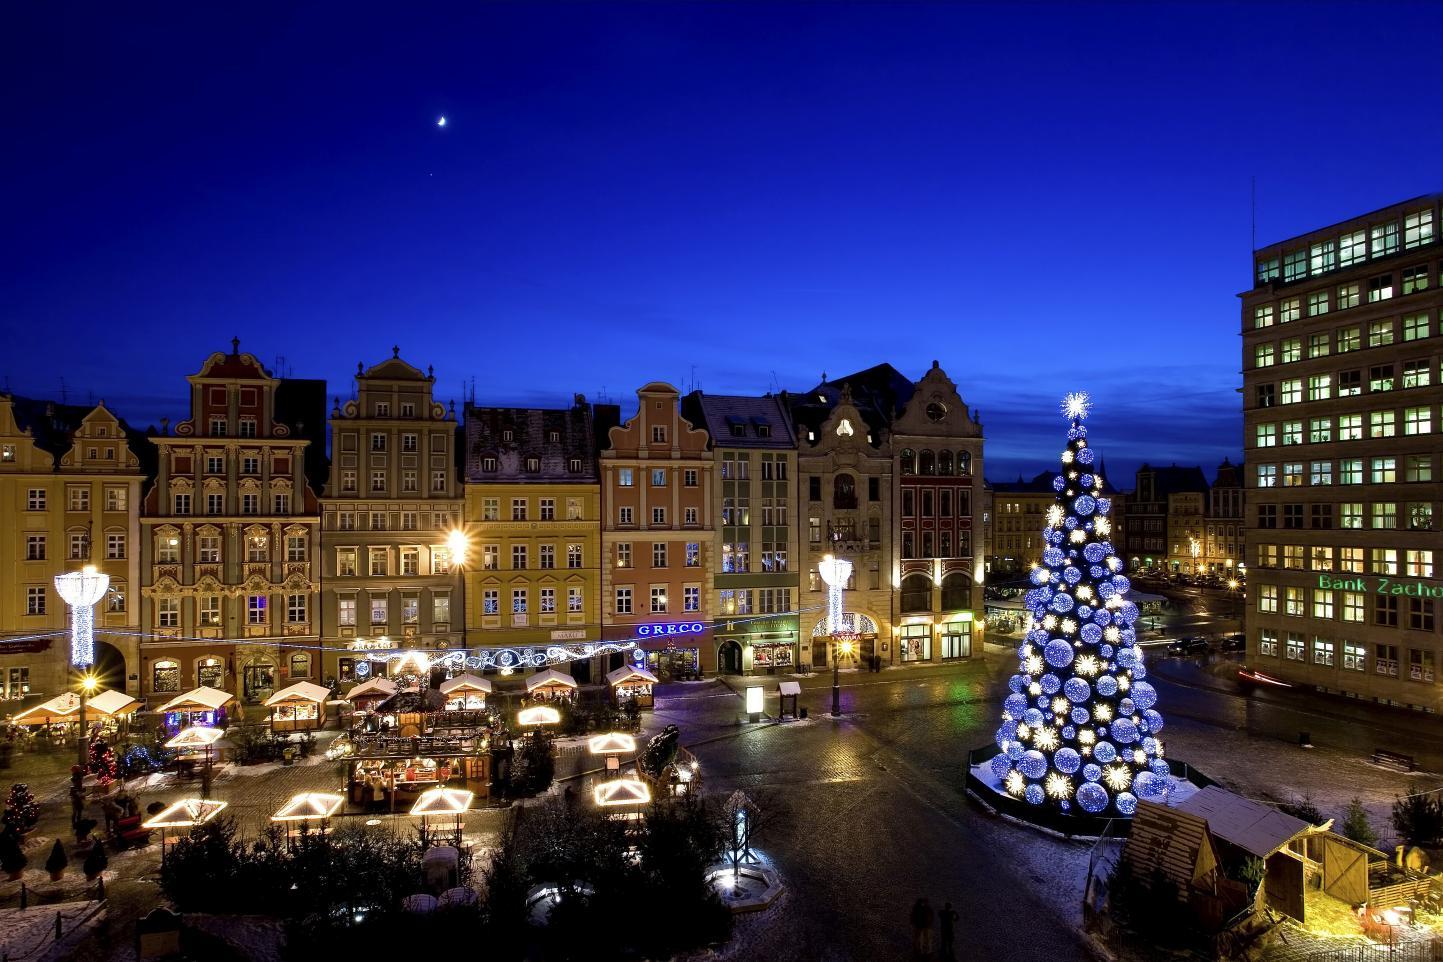 Weihnachtsmarkt in Breslau. Foto: Krzysztof Szymoniak/www.wroclaw.pl